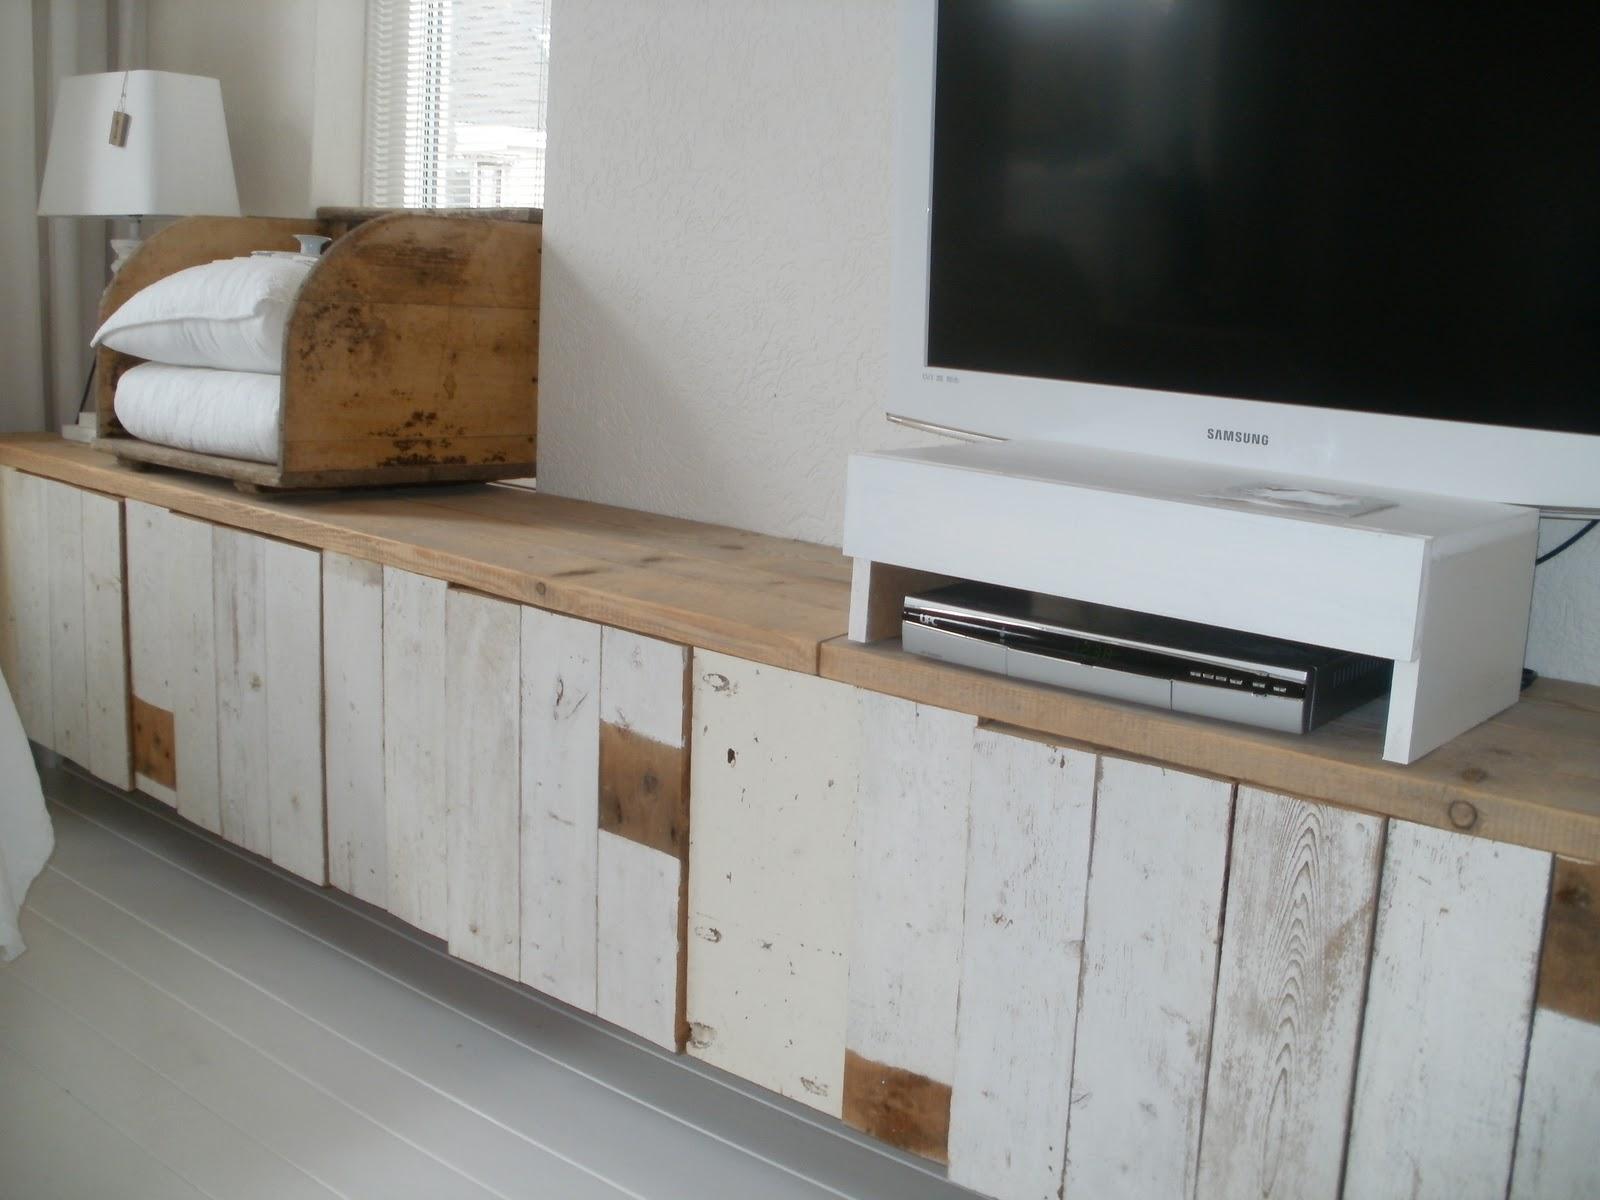 Hemelswitwonen meubel van sloophout for Sloophout meubels